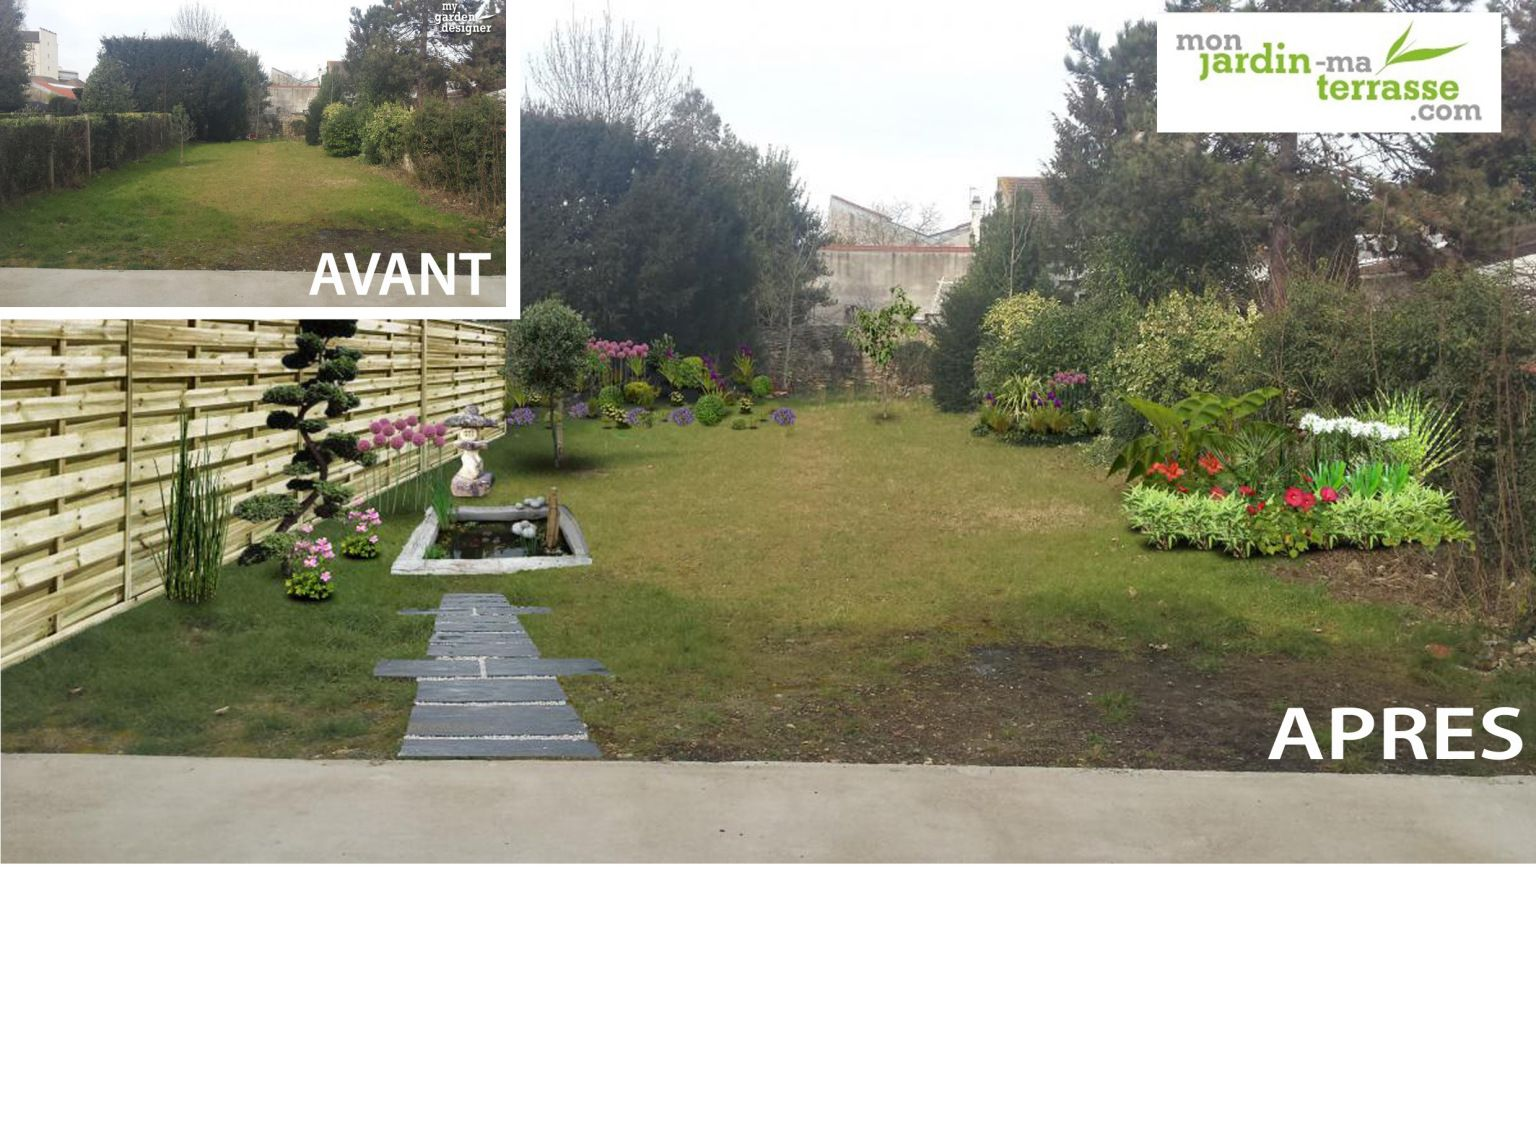 Amenager Un Jardin Japonais Jardin En Longueur Allees Terrasses